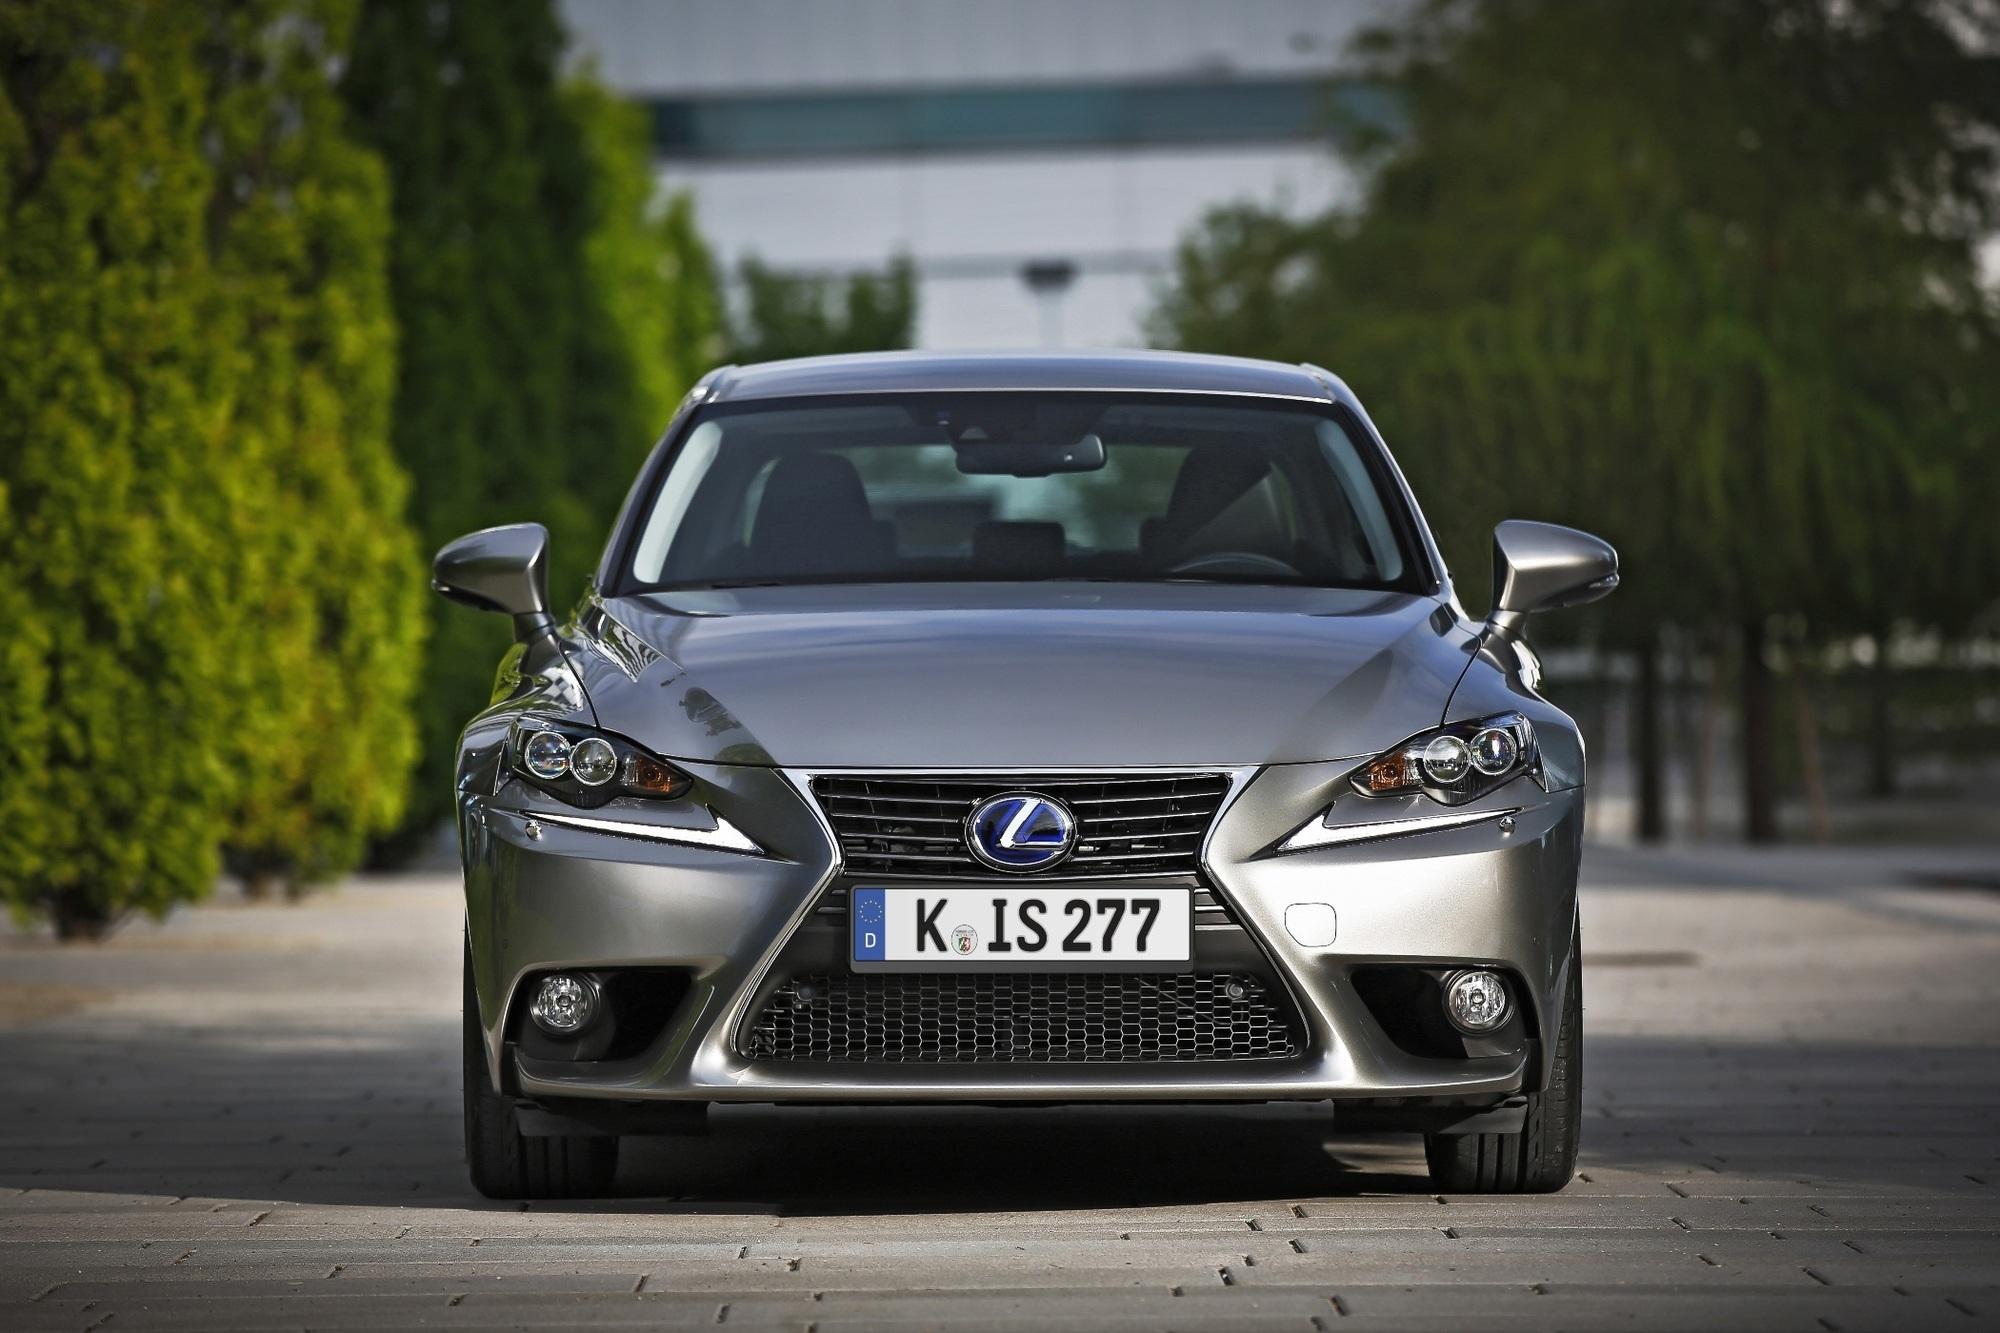 Neue Sicherheitssysteme für Lexus-Fahrzeuge - Künftig mit mehr Schutz an Bord